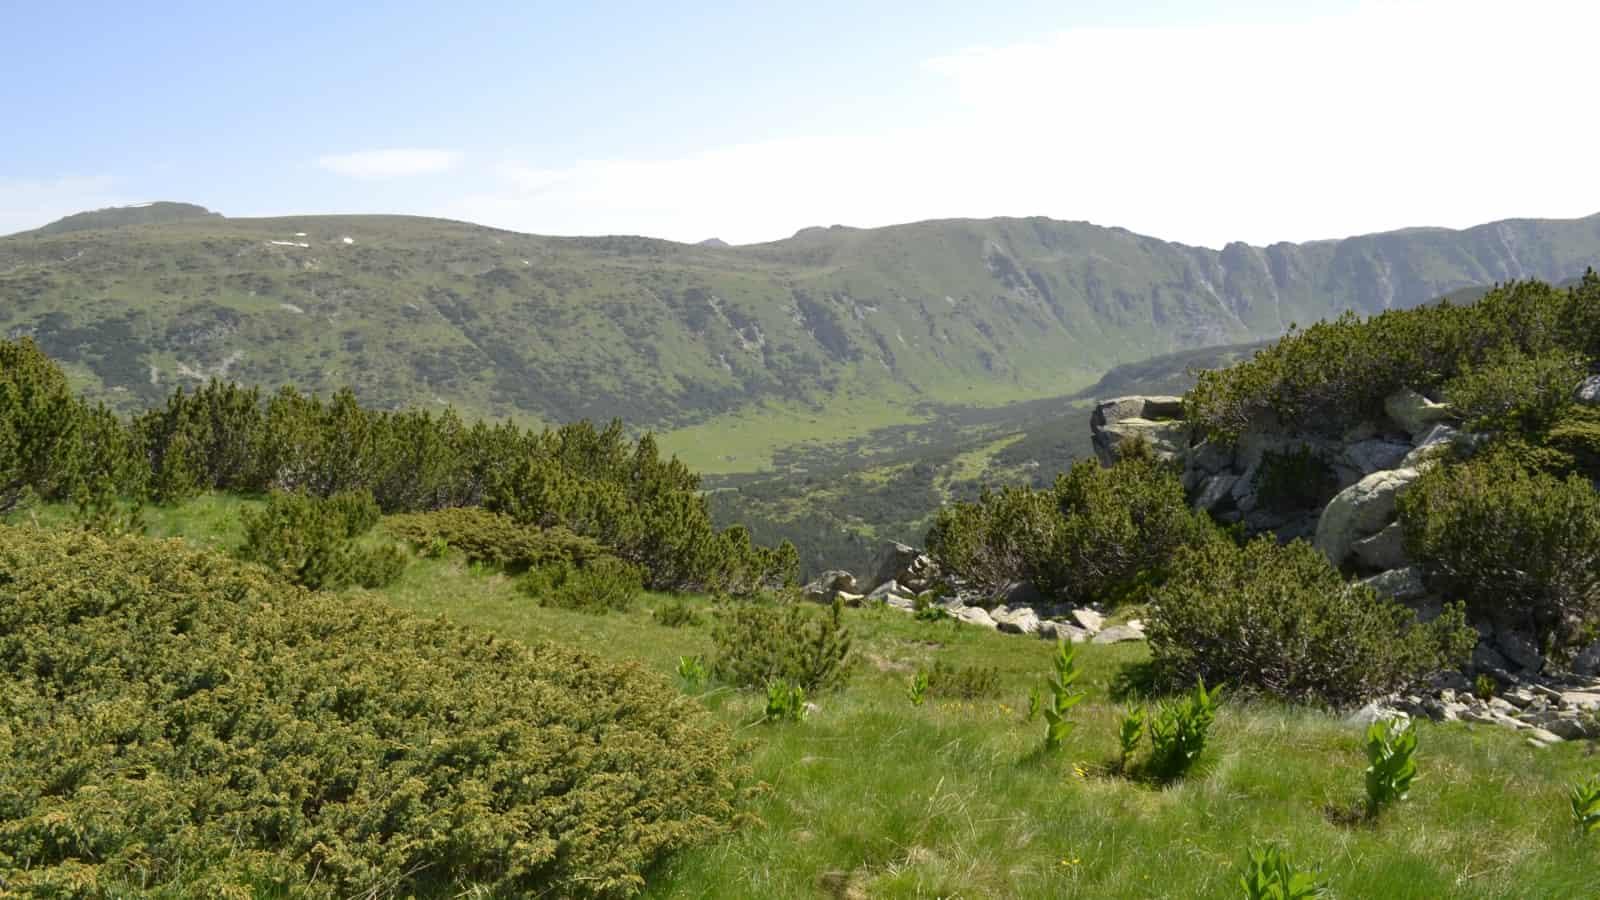 Malerische Aussicht - Foto: Rila Monastery Park Directorate